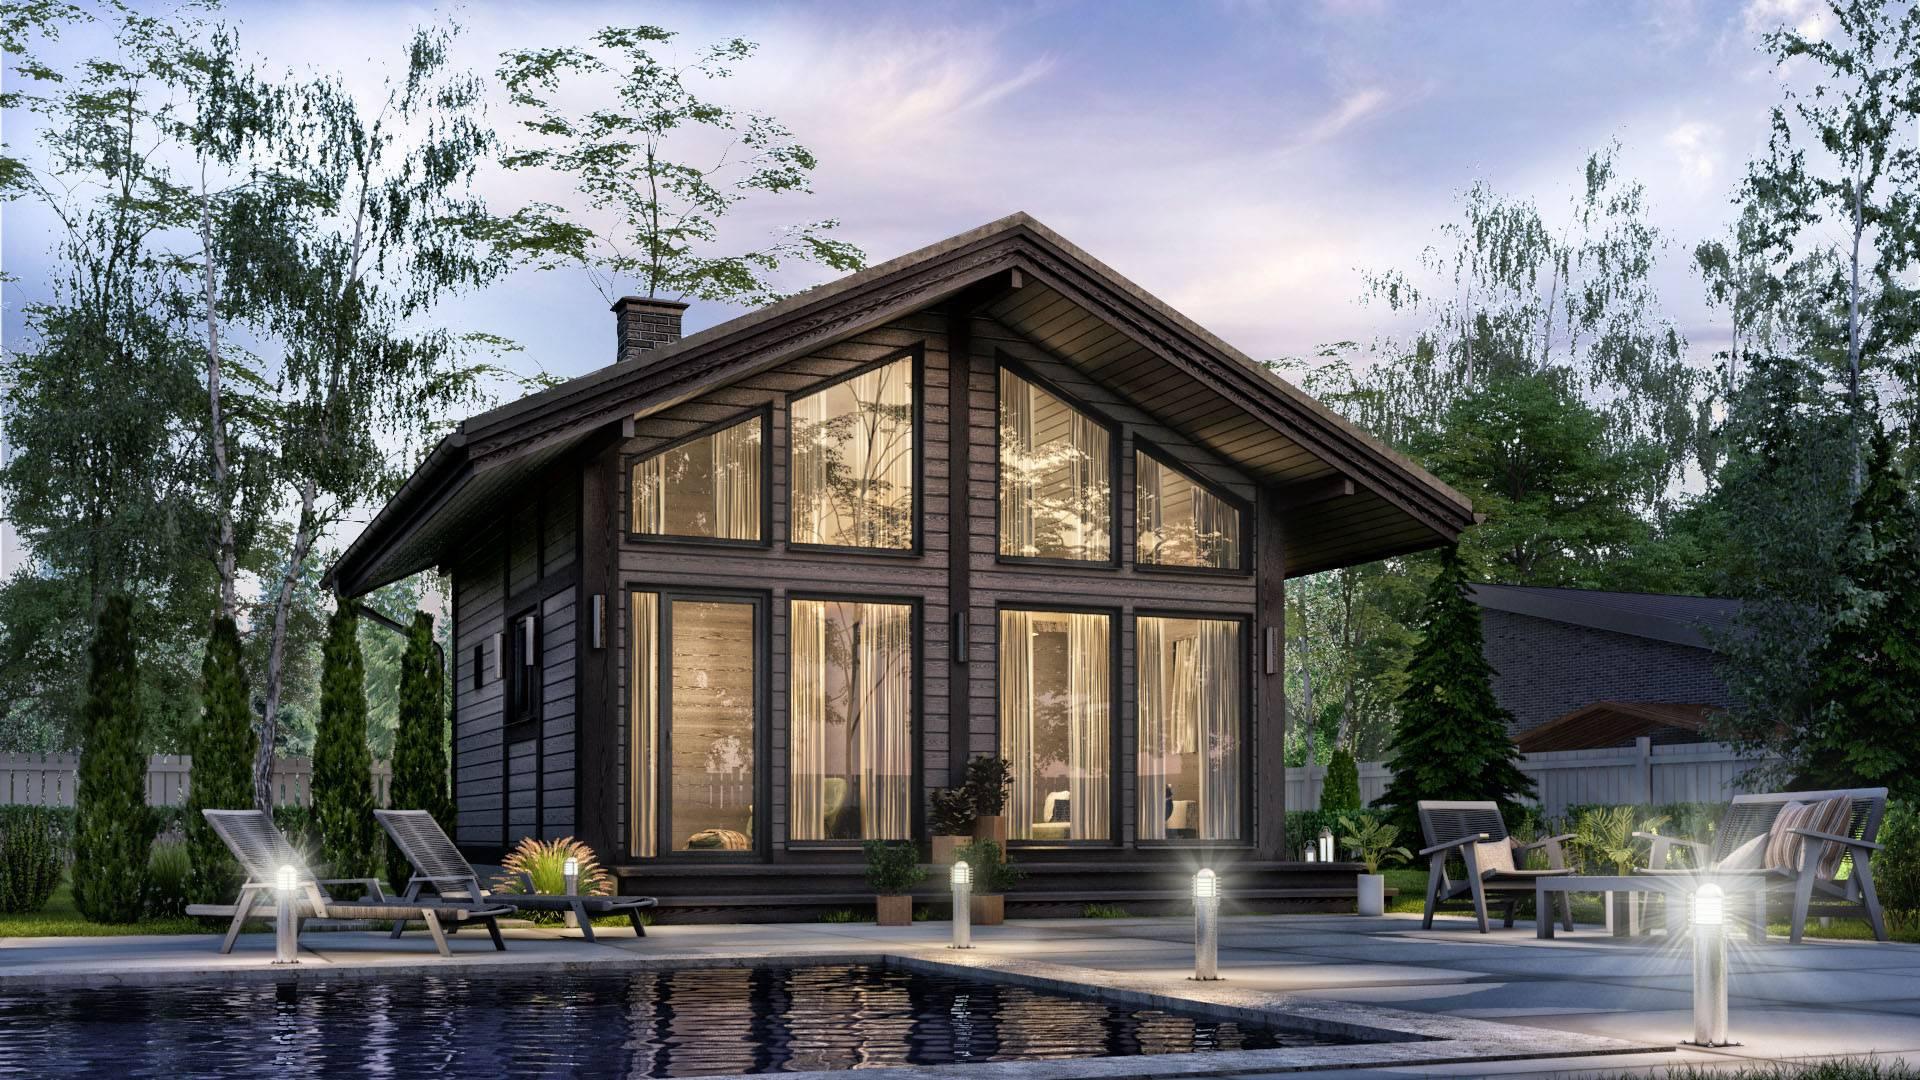 ????устройство панорамных окон в пол в деревянных домах - блог о строительстве